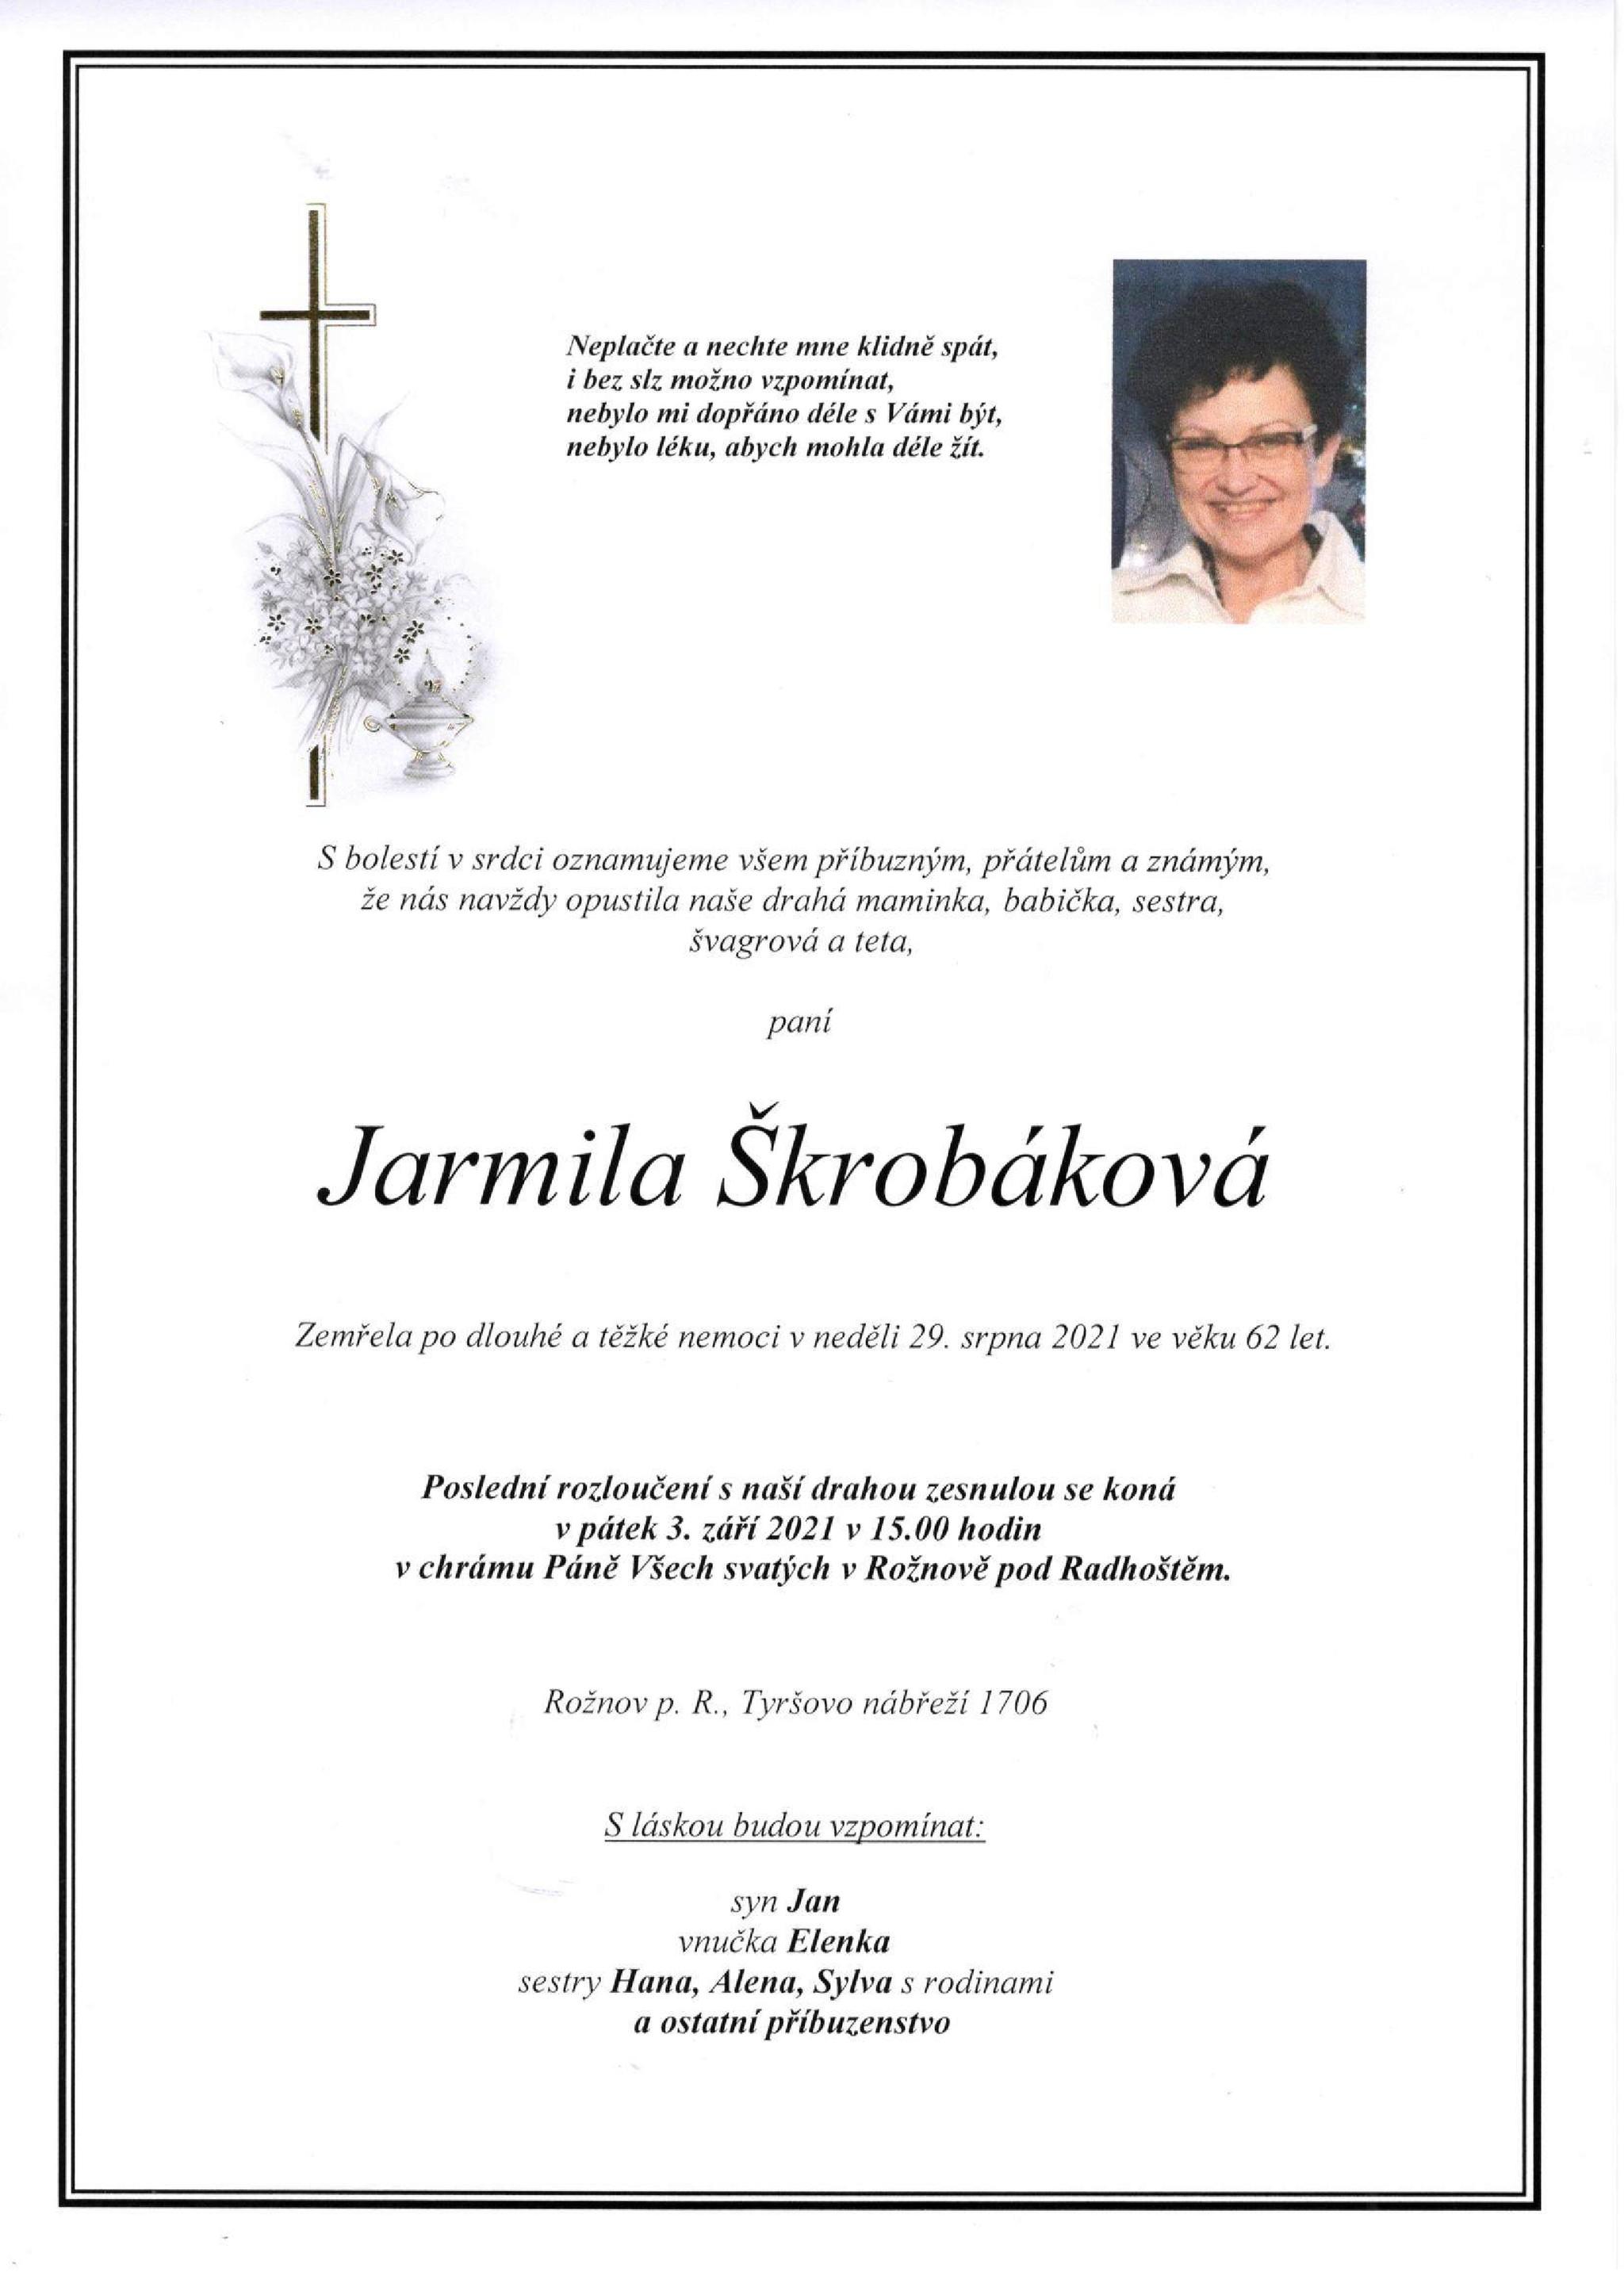 Jarmila Škrobáková